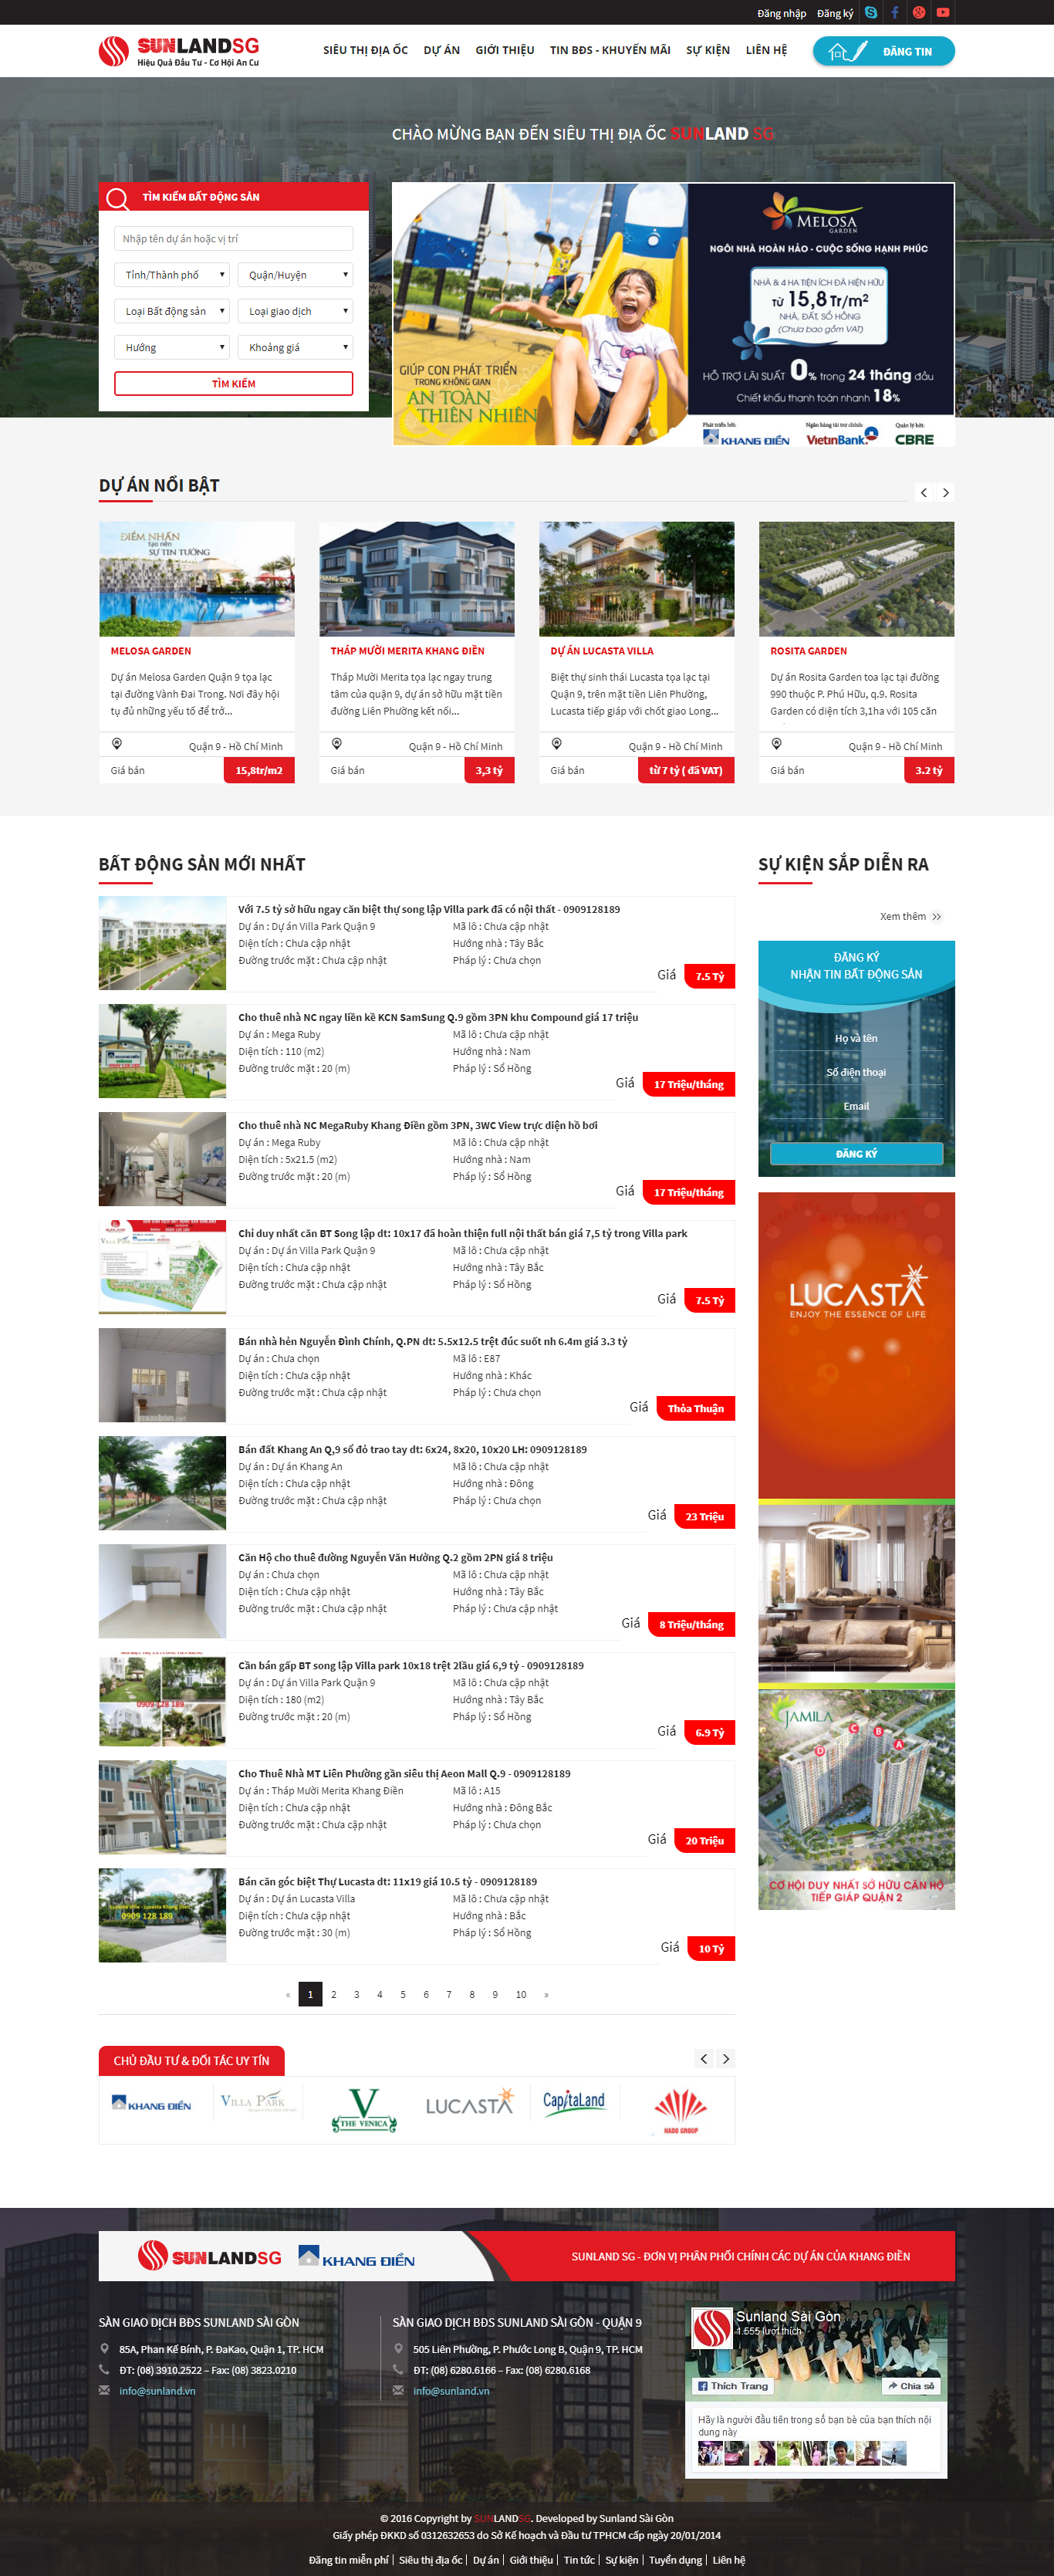 Giao diện website Bất động sản Z - 227